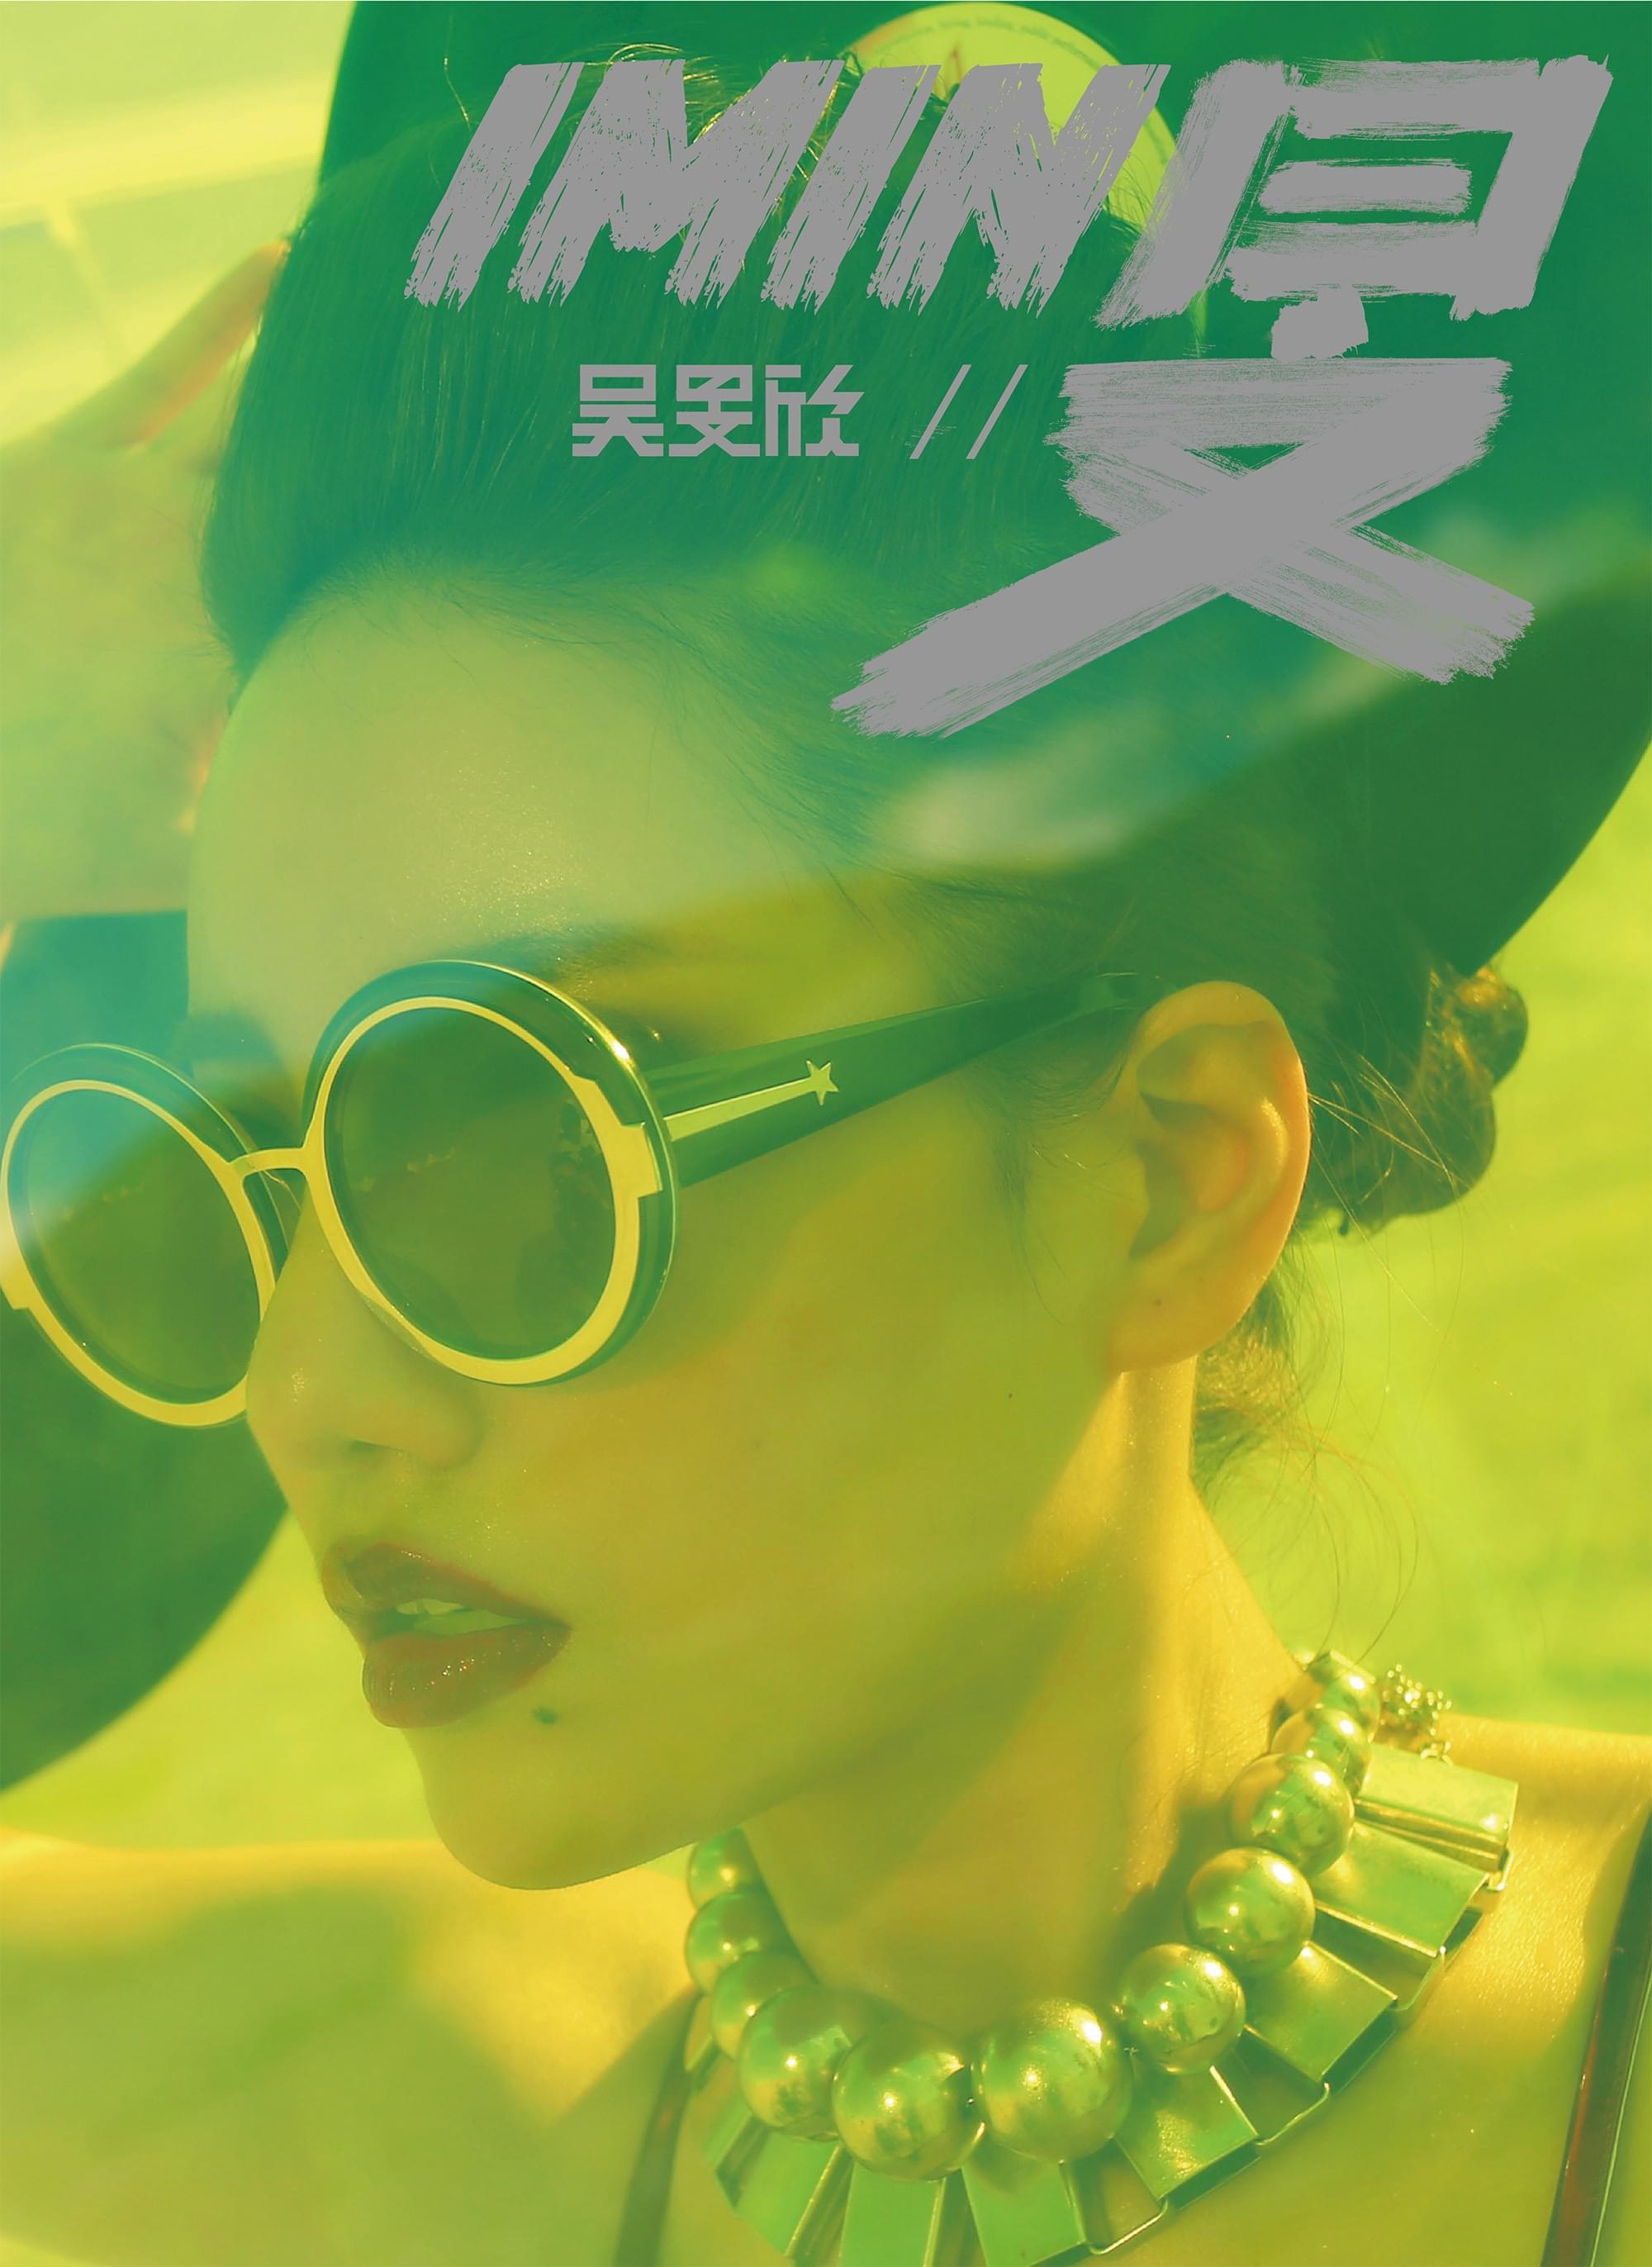 吴旻欣首张专辑《IMIN·旻》即将问世诠释自我